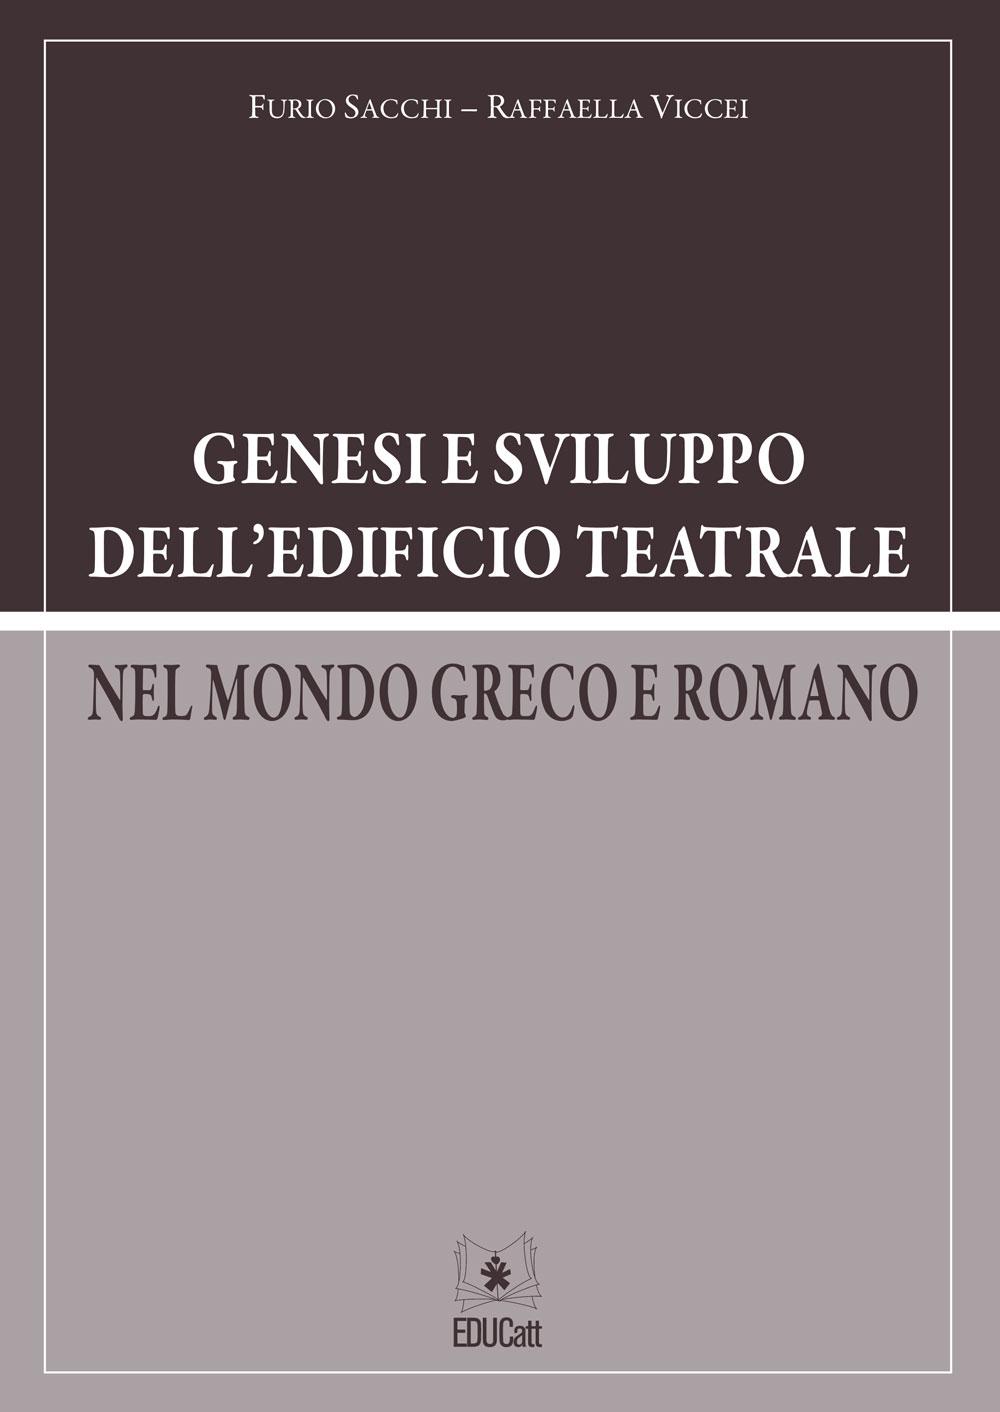 GENESI E SVILUPPO DELL'EDIFICIO TEATRALE NEL MONDO GRECO E ROMANO